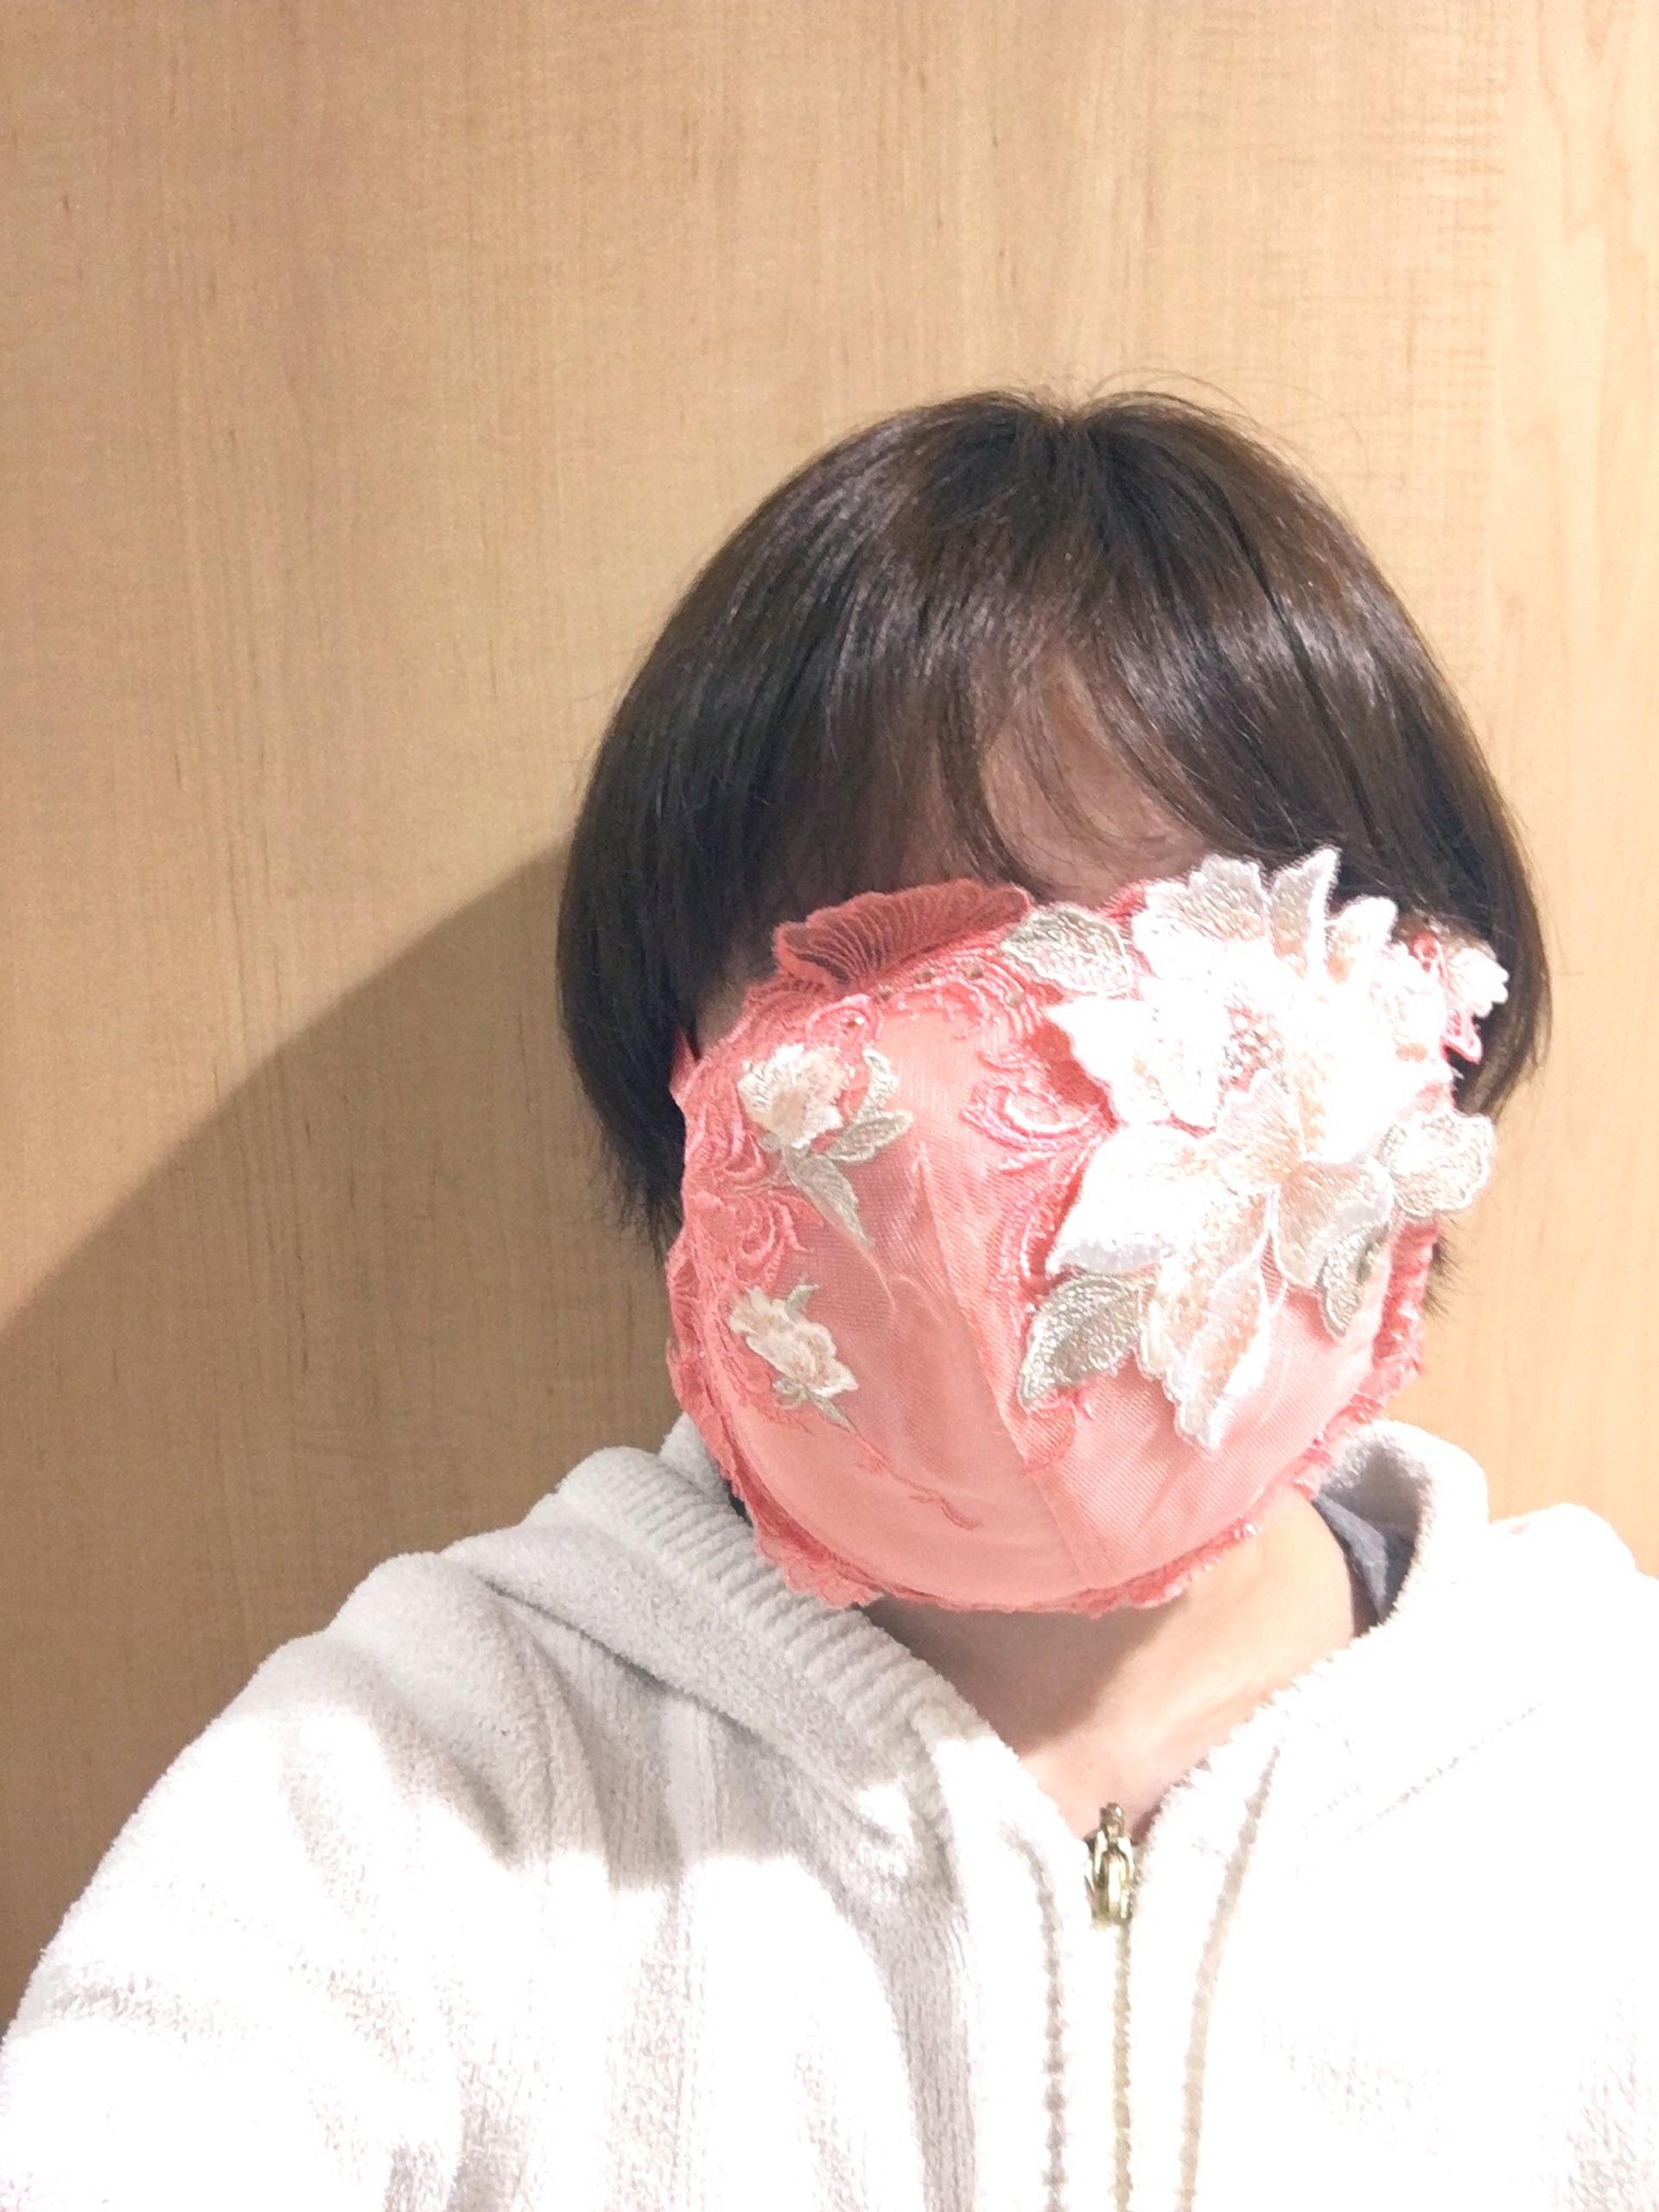 超正網紅櫻花妹DIY「胸罩口罩」吸粉關注 半路卻殺出「H奶」效仿笑翻網友:巨乳威嚴